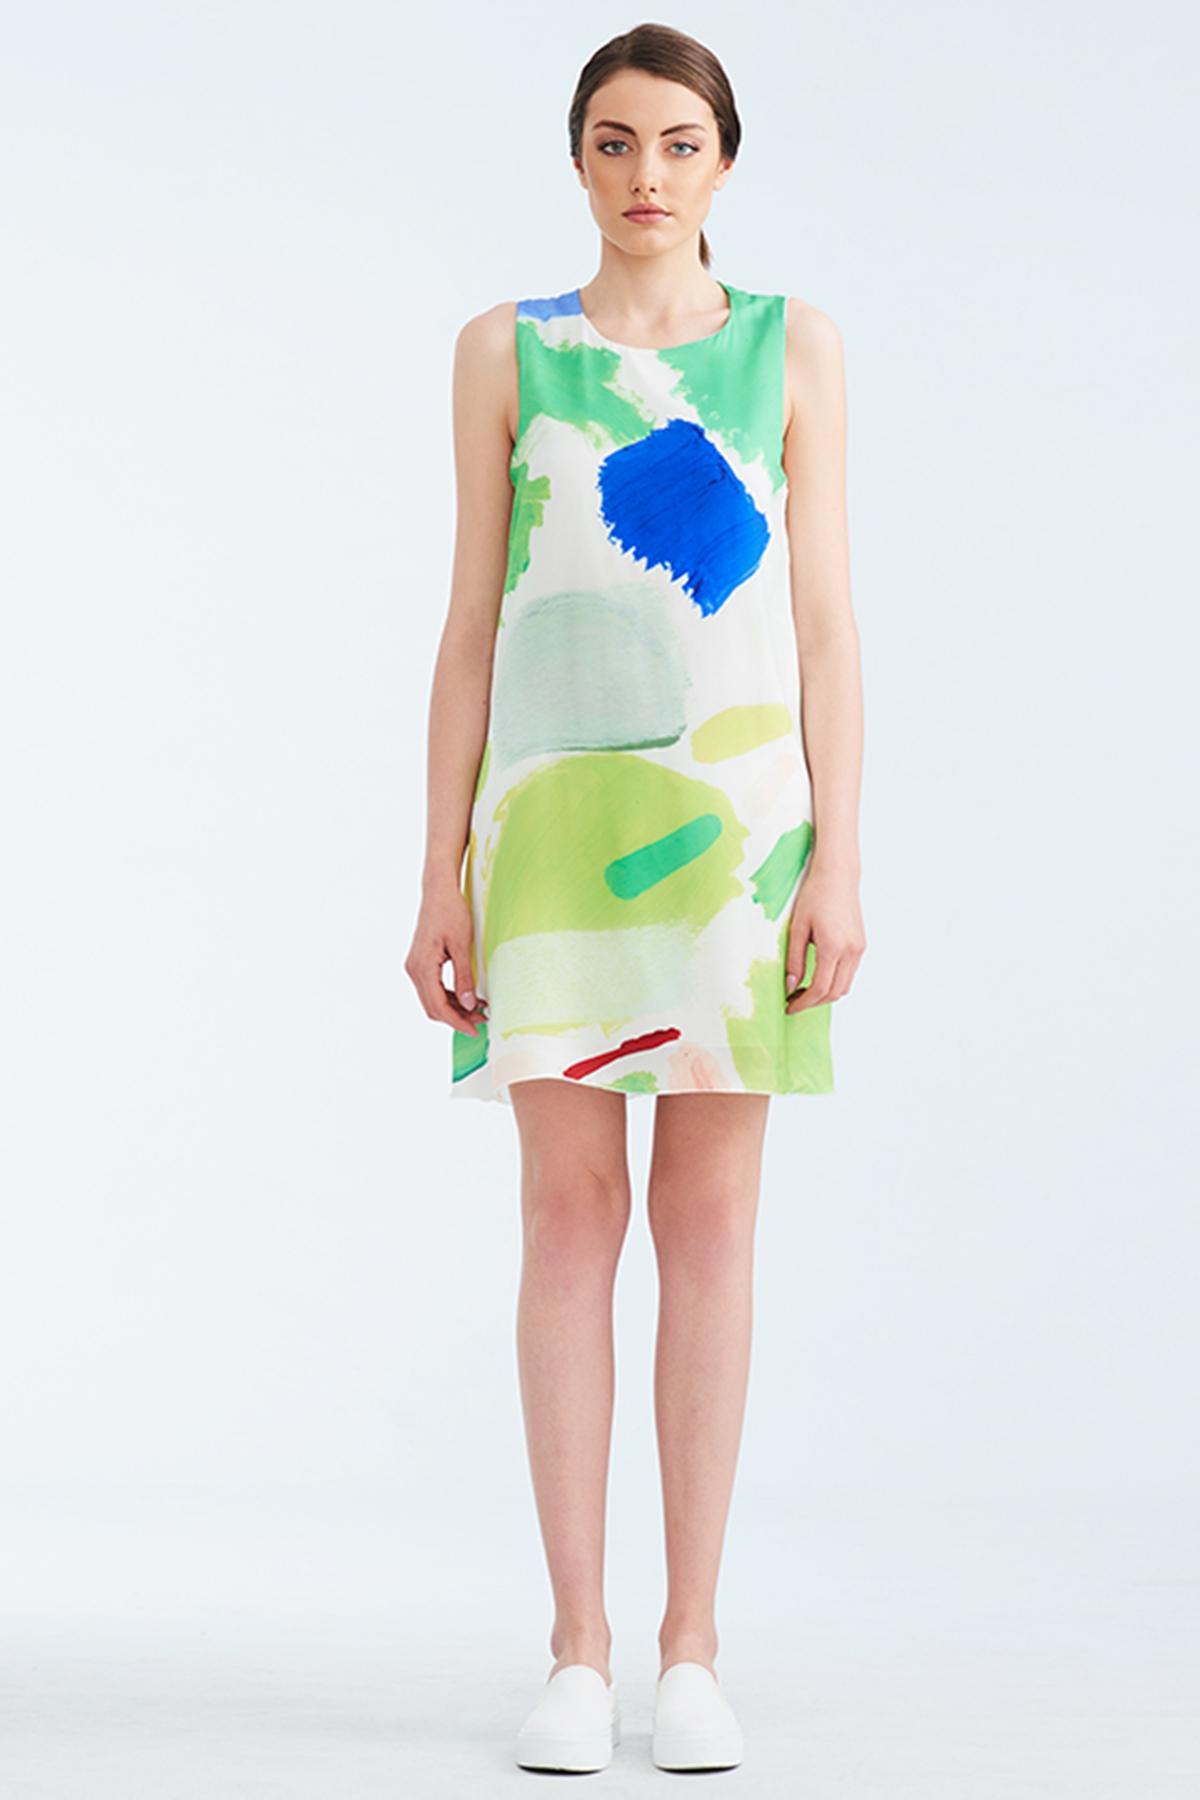 Бяла копринена рокля със зелен принт / Lila Style House